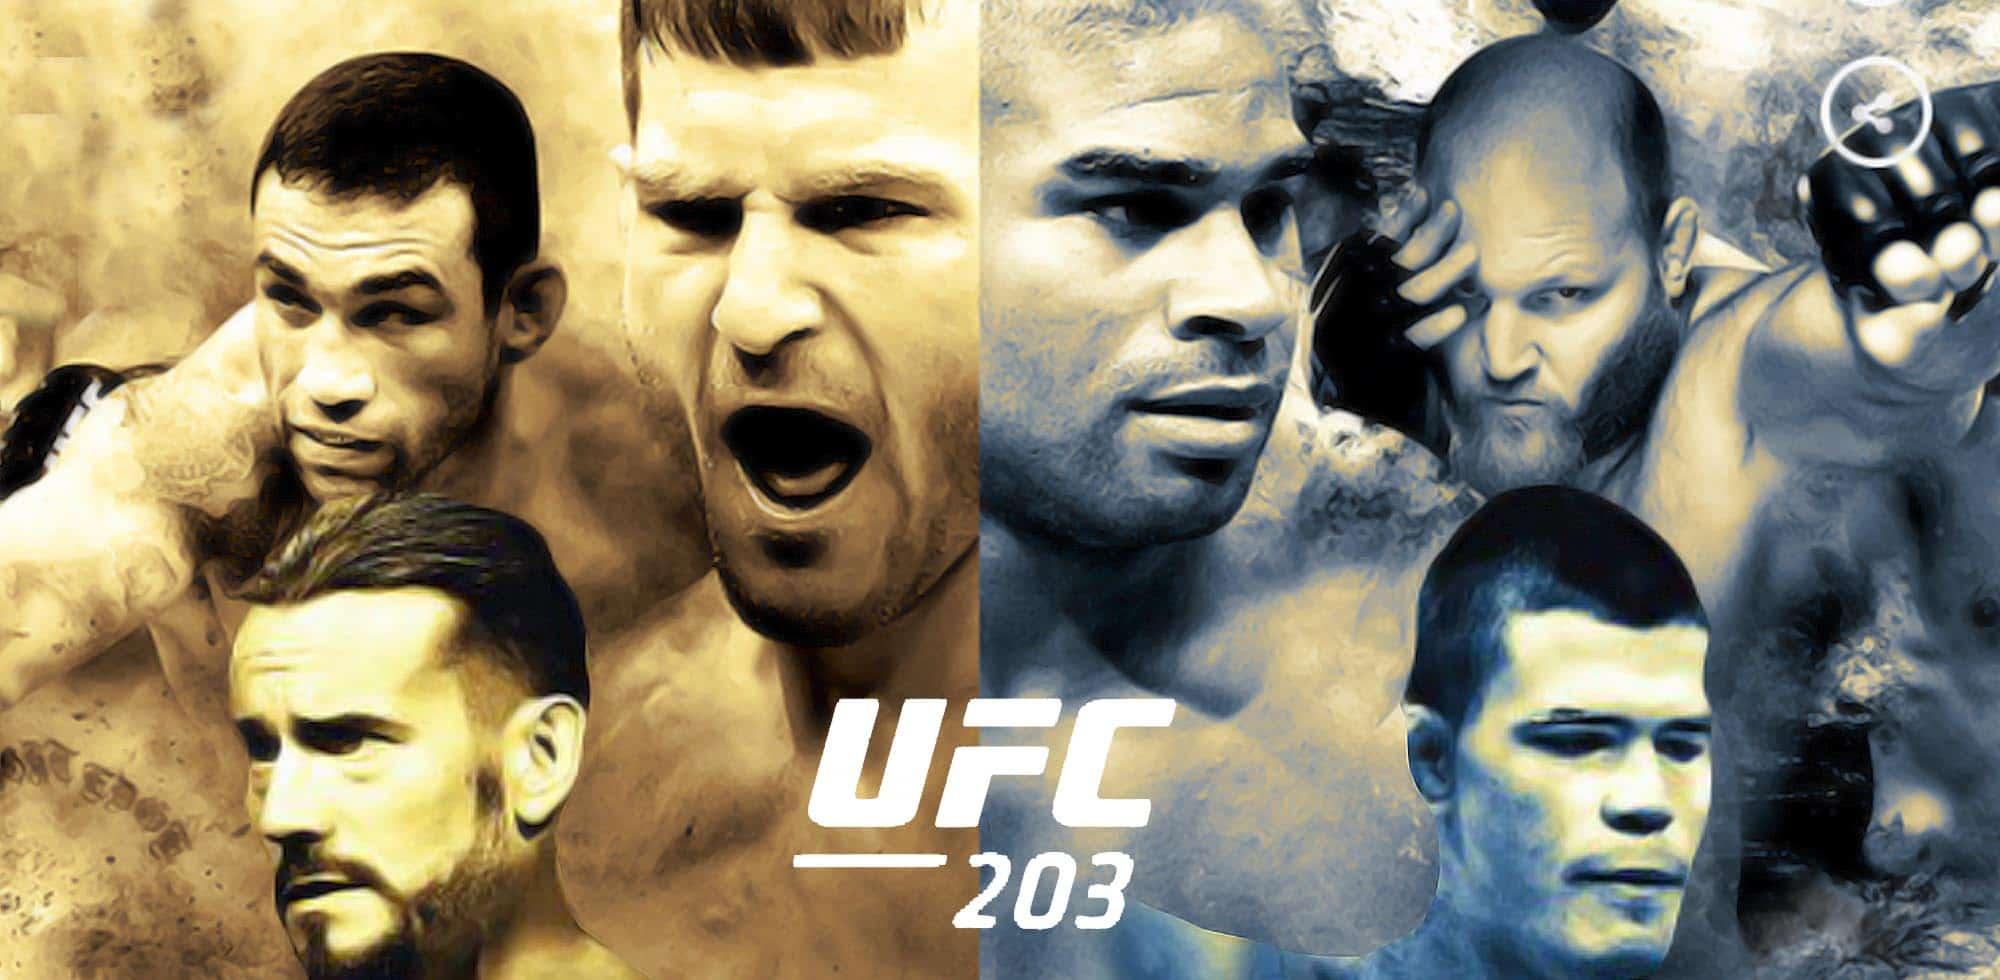 Cobertura y resultados: UFC 203: CM Punk es derrotado en su debut en las MMA — Stipe Miocic retiene el título completo 1